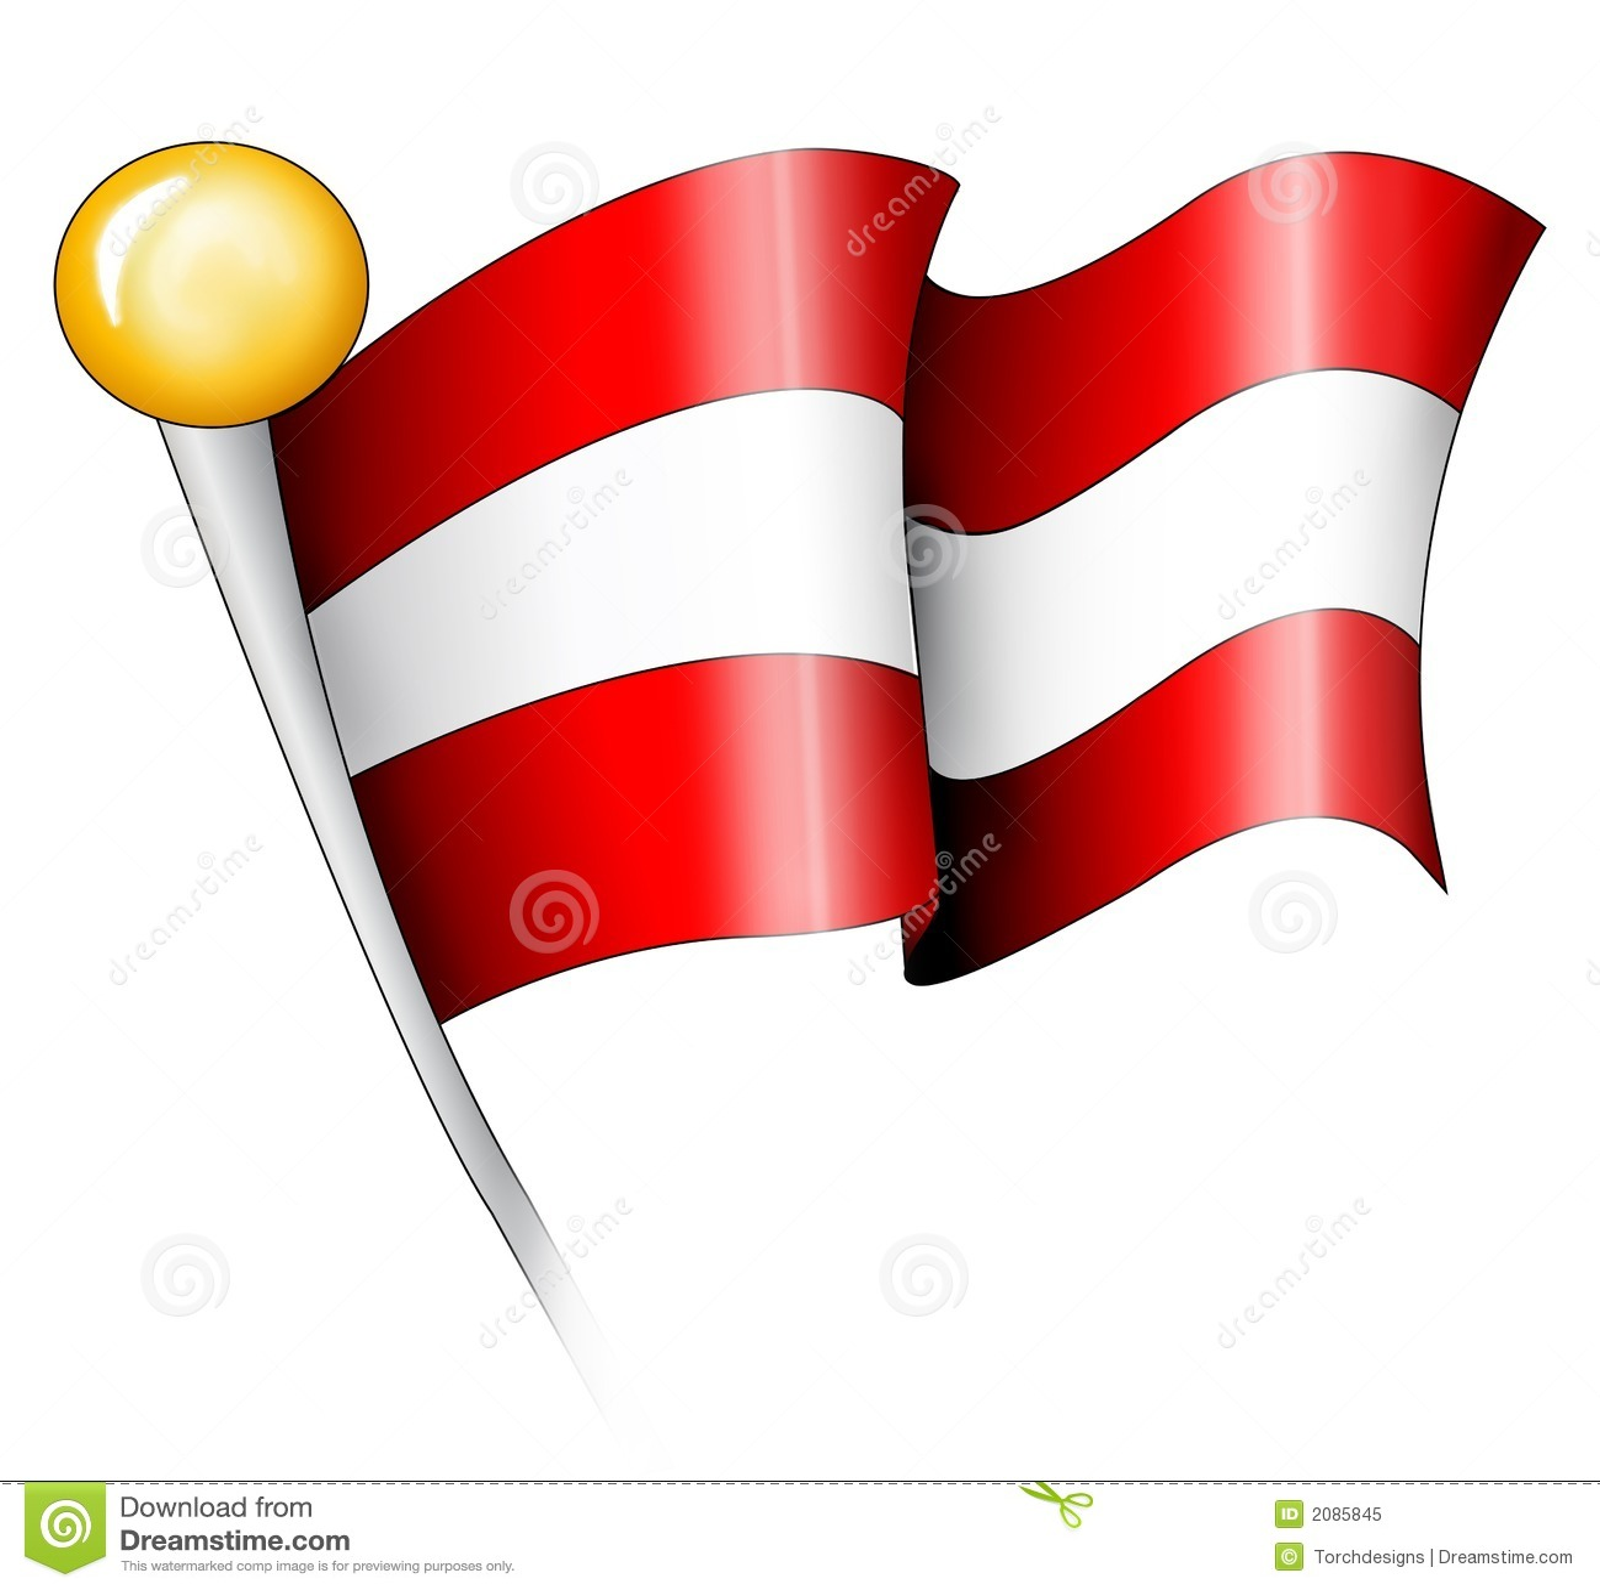 flag clipart vector - photo #32